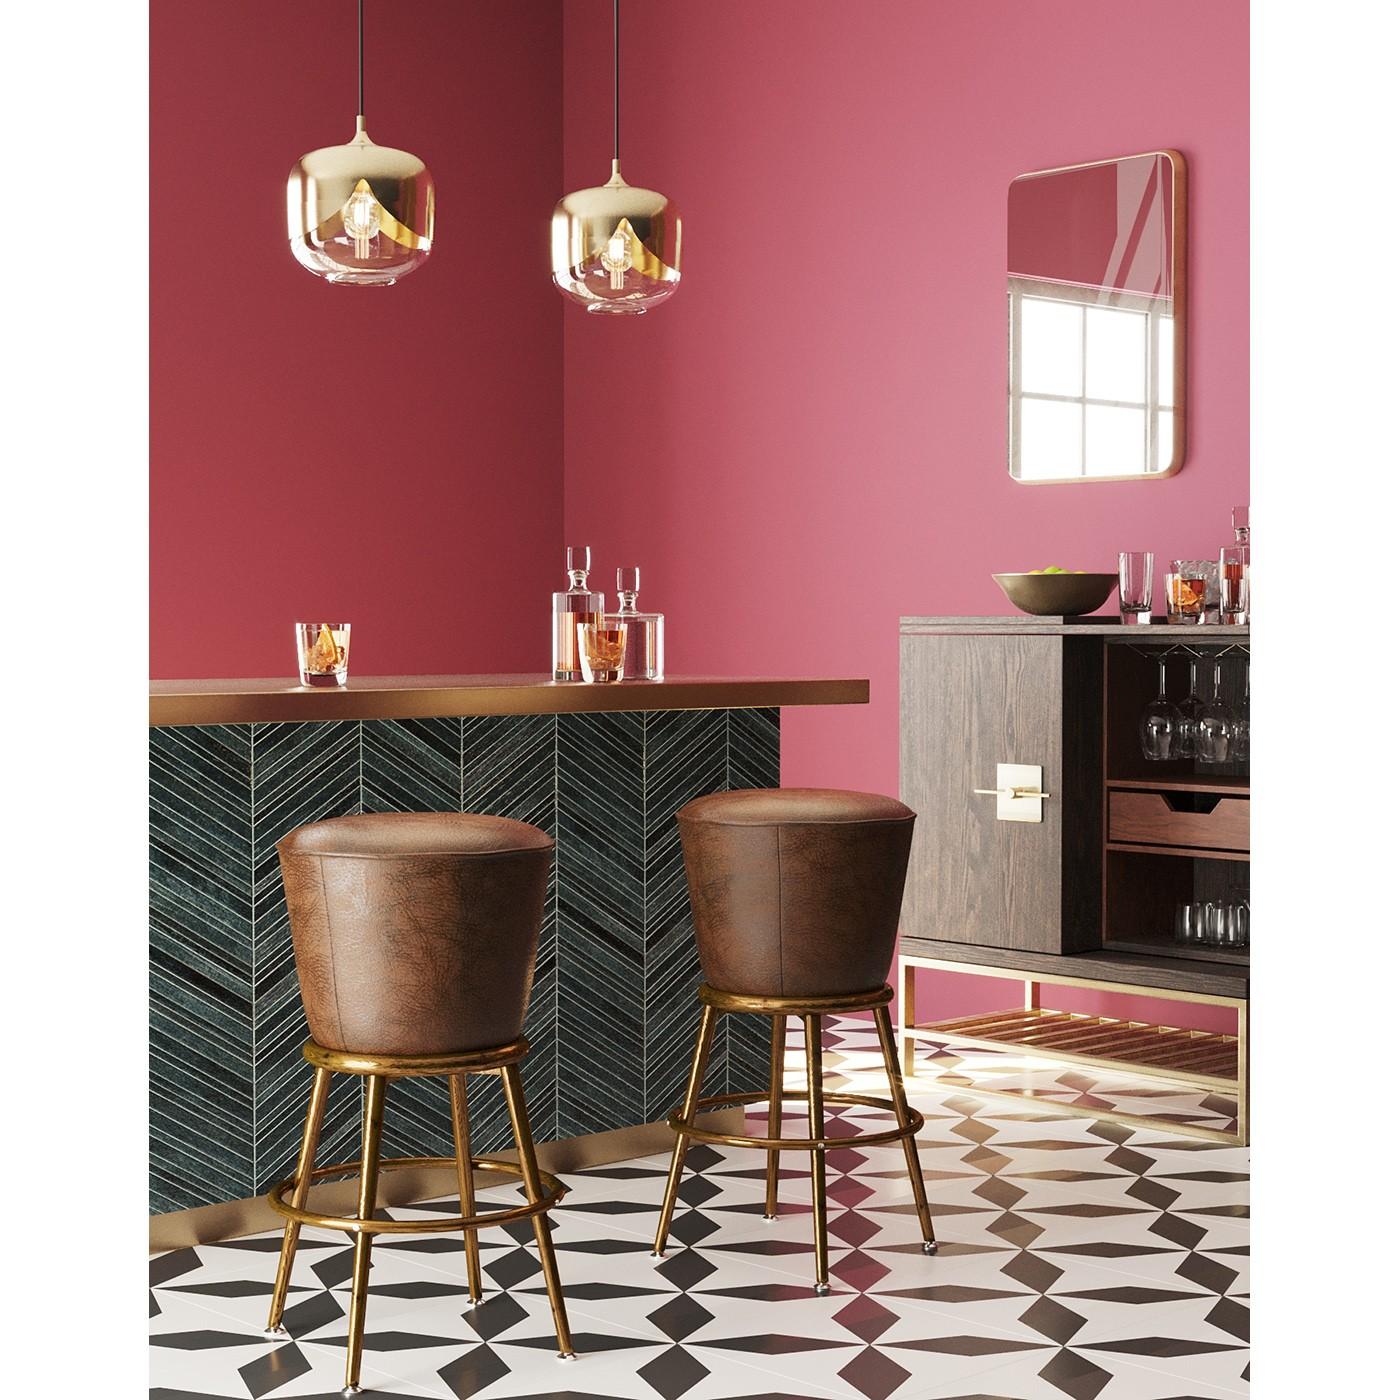 Tabouret de bar vintage marron et acier doré